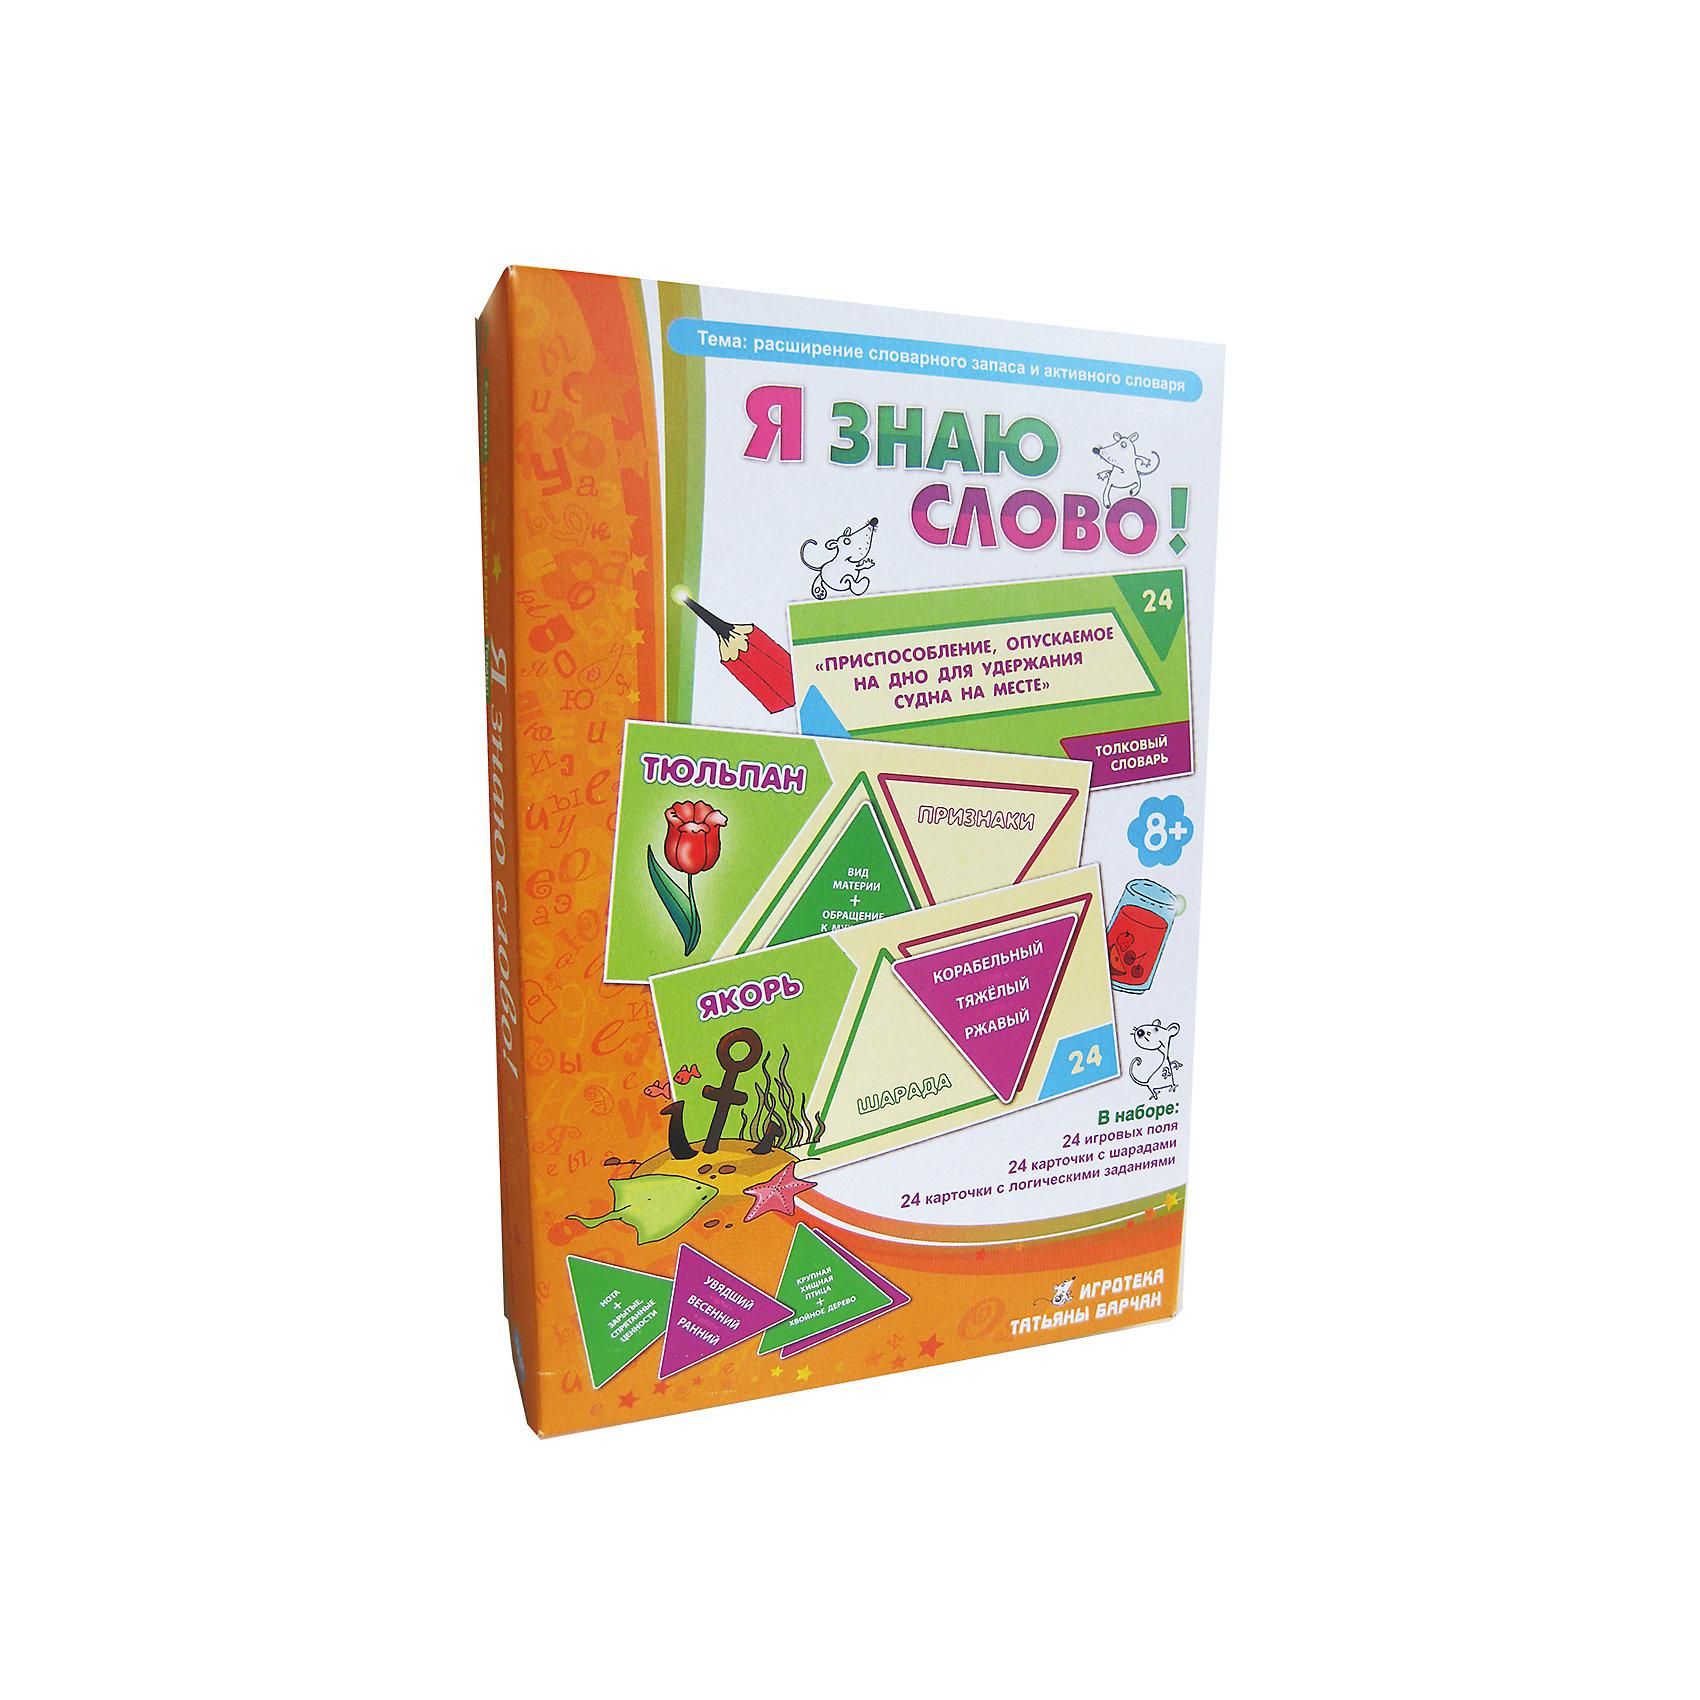 Я знаю слово!, Игротека Татьяны БарчанОбучающие карточки<br>Я знаю слово!, Игротека Татьяны Барчан.<br><br>Характеристики:<br><br>• Для детей в возрасте: от 8 лет<br>• В комплекте: 24 зелёных треугольных карточек с шарадами, 24 фиолетовых карточек с прилагательными, 24 игровых поля, инструкция<br>• Тема: Расширение словарного запаса и активного словаря<br>• Материал: плотный качественный картон<br>• Производитель: ЦОТР Ребус (Россия)<br>• Упаковка: картонная коробка<br>• Размер упаковки: 270х180х40 мм.<br>• Вес: 334 гр.<br><br>Всем нам нравится играть со словами: читать наоборот, выстраивать в кроссворды, прятать в ребусах. В игре Я знаю слово! нужно увидеть в одном слове два других - «разгадать шараду». Одно из этих слов может оказаться незнакомым. Но тем и хороша игра: она заставляет задуматься, узнать новое слово и запомнить его. <br><br>Игра проходит по принципу лото. Ведущий зачитывает толкование двух слов на зелёных карточках – загадывает шараду, а игроки находят отгадку на своих игровых полях. К этому слову-отгадке ещё надо подобрать три признака (фиолетовые карточки с прилагательными). <br><br>Игра научит слушать, думать и обосновывать свой ответ, расширит словарный запас, обогатит речь. Она послужит отличным подарком, и может быть использована при проведении викторин и конкурсов, а также для семейного досуга.<br><br>Игру Я знаю слово!, Игротека Татьяны Барчан можно купить в нашем интернет-магазине.<br><br>Ширина мм: 270<br>Глубина мм: 180<br>Высота мм: 40<br>Вес г: 330<br>Возраст от месяцев: 84<br>Возраст до месяцев: 144<br>Пол: Унисекс<br>Возраст: Детский<br>SKU: 6751377